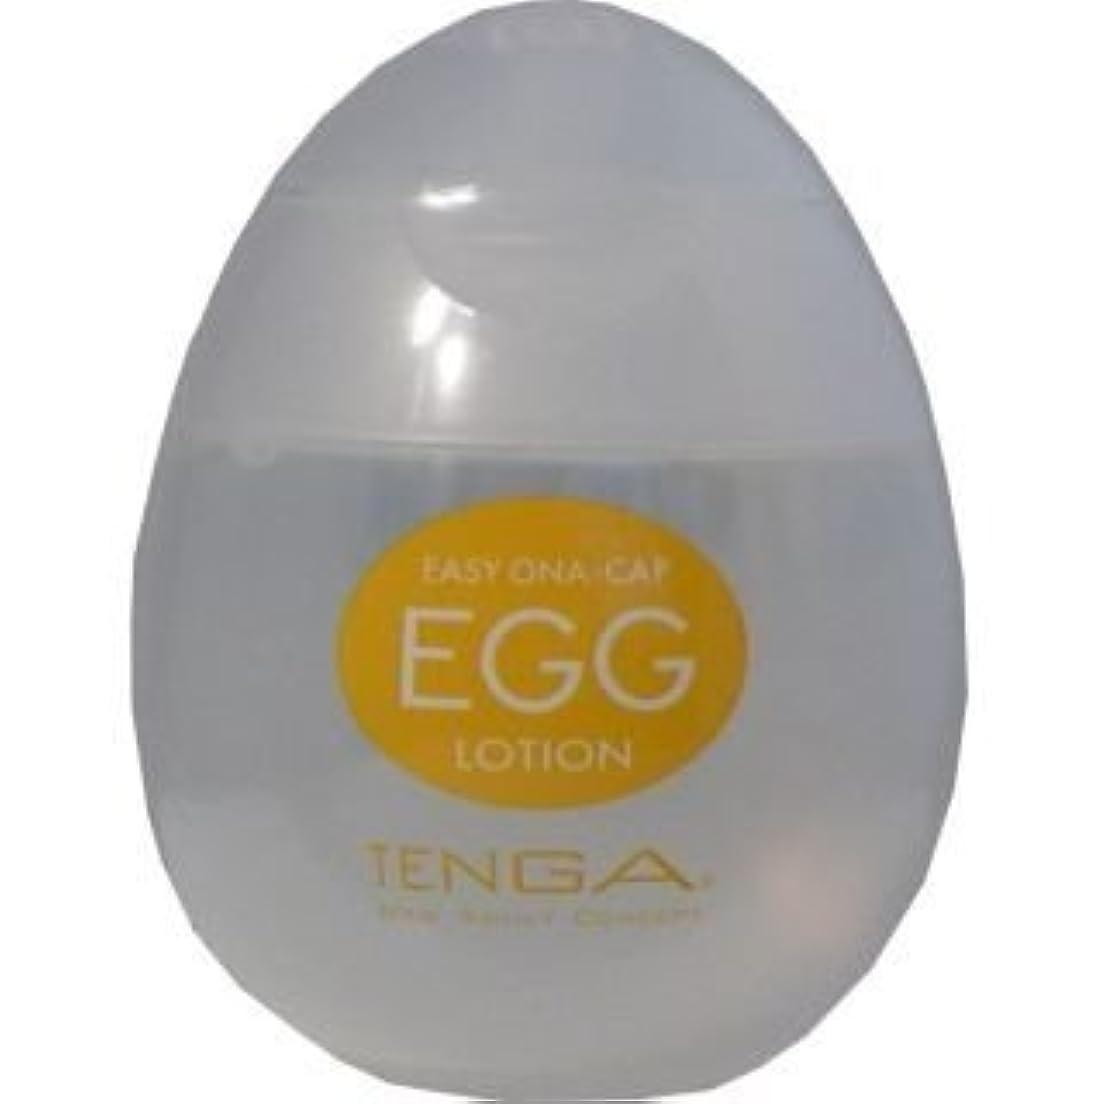 断片道徳のナース保湿成分配合で潤い長持ち!TENGA(テンガ) EGG LOTION(エッグローション) EGGL-001【5個セット】